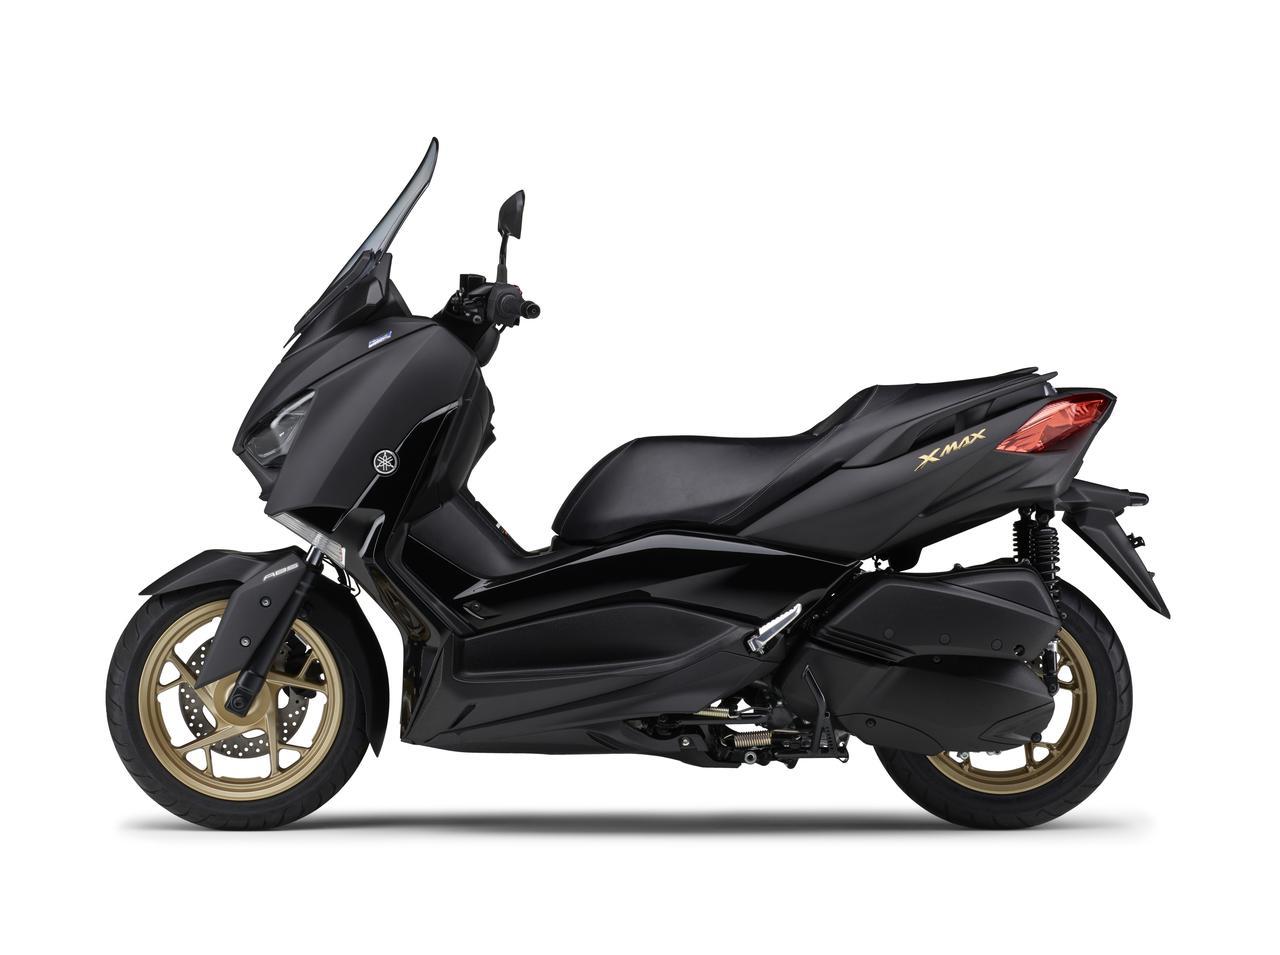 Images : 10番目の画像 - XMAX ABS 2020年モデル - webオートバイ